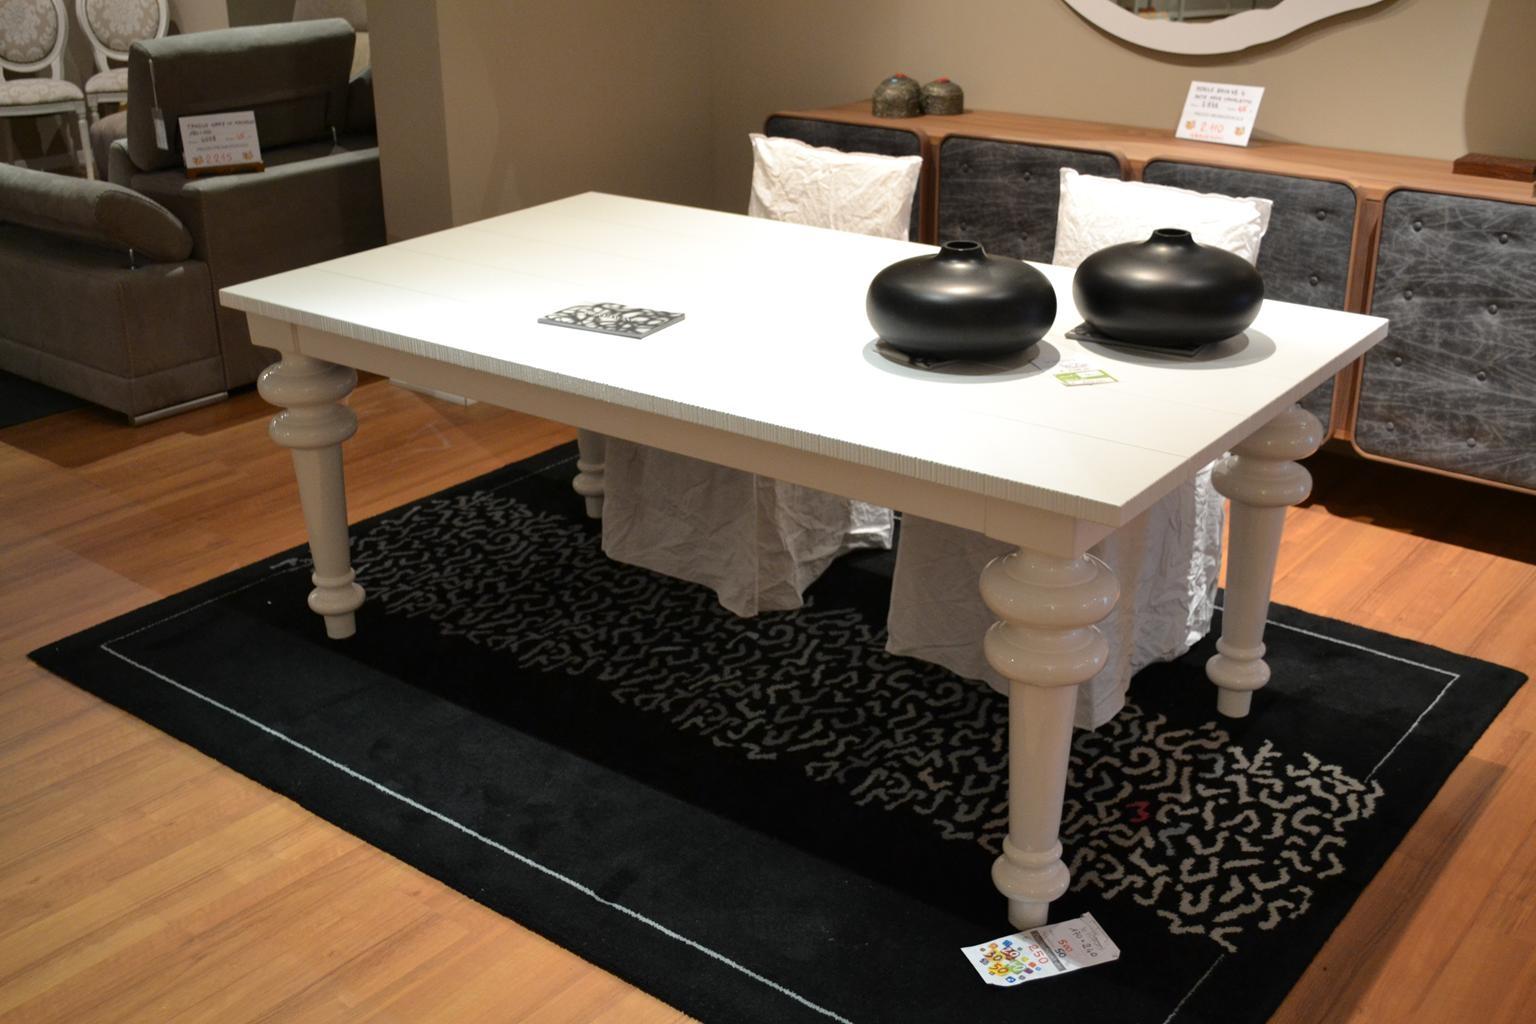 tavolo gervasoni gray allungabili tavoli a prezzi scontati. Black Bedroom Furniture Sets. Home Design Ideas